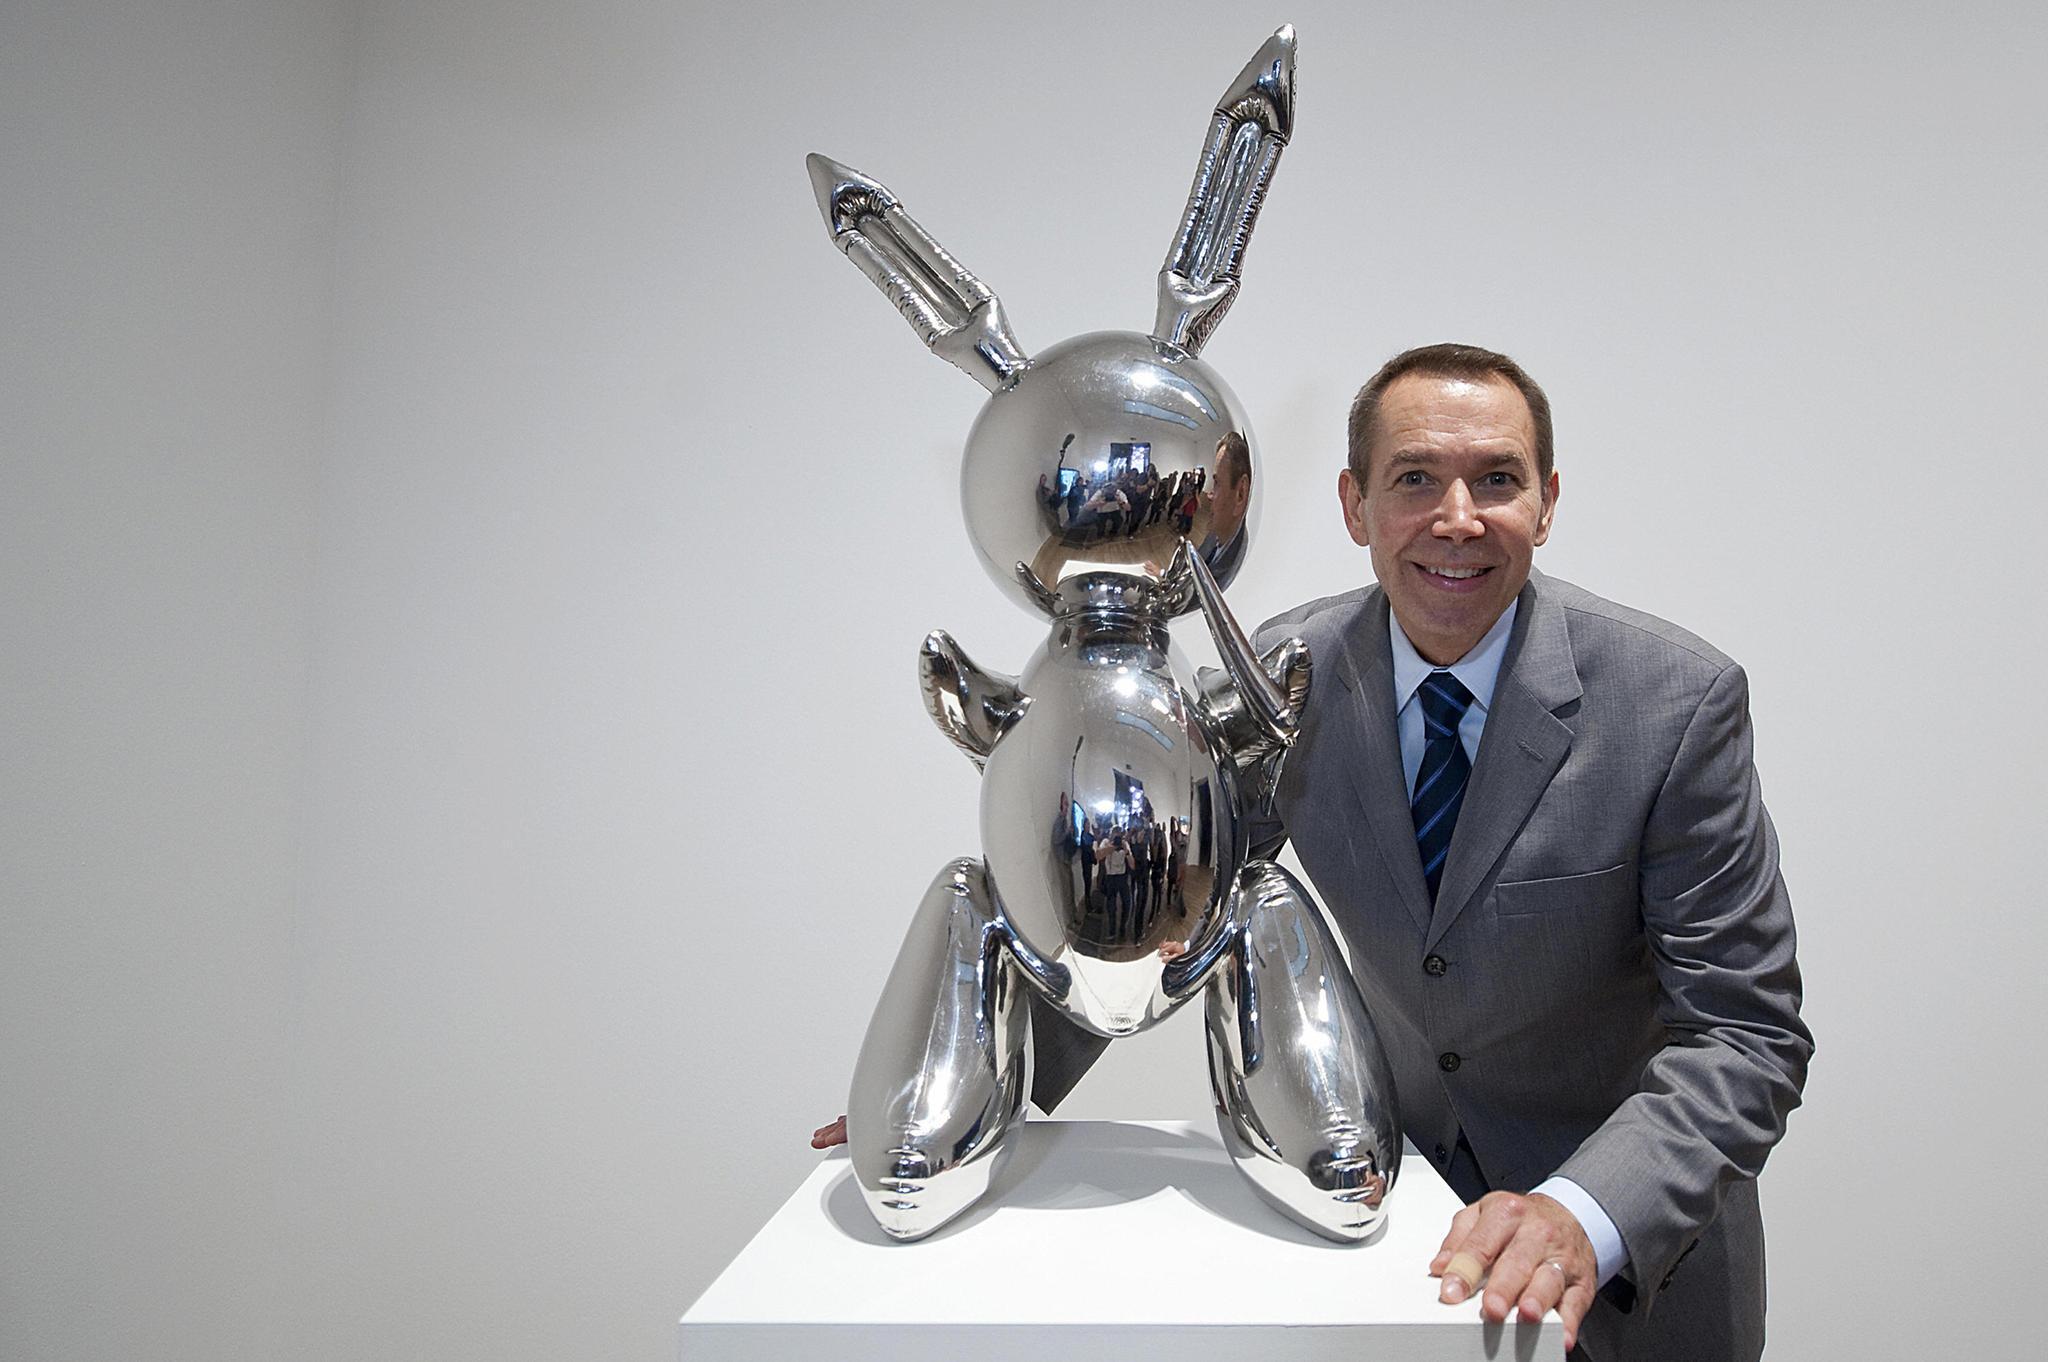 Der Künstler Jeff Koons posiert im September 2009 im LondonerTate Modern mit seiner weltberühmten Skulptur.